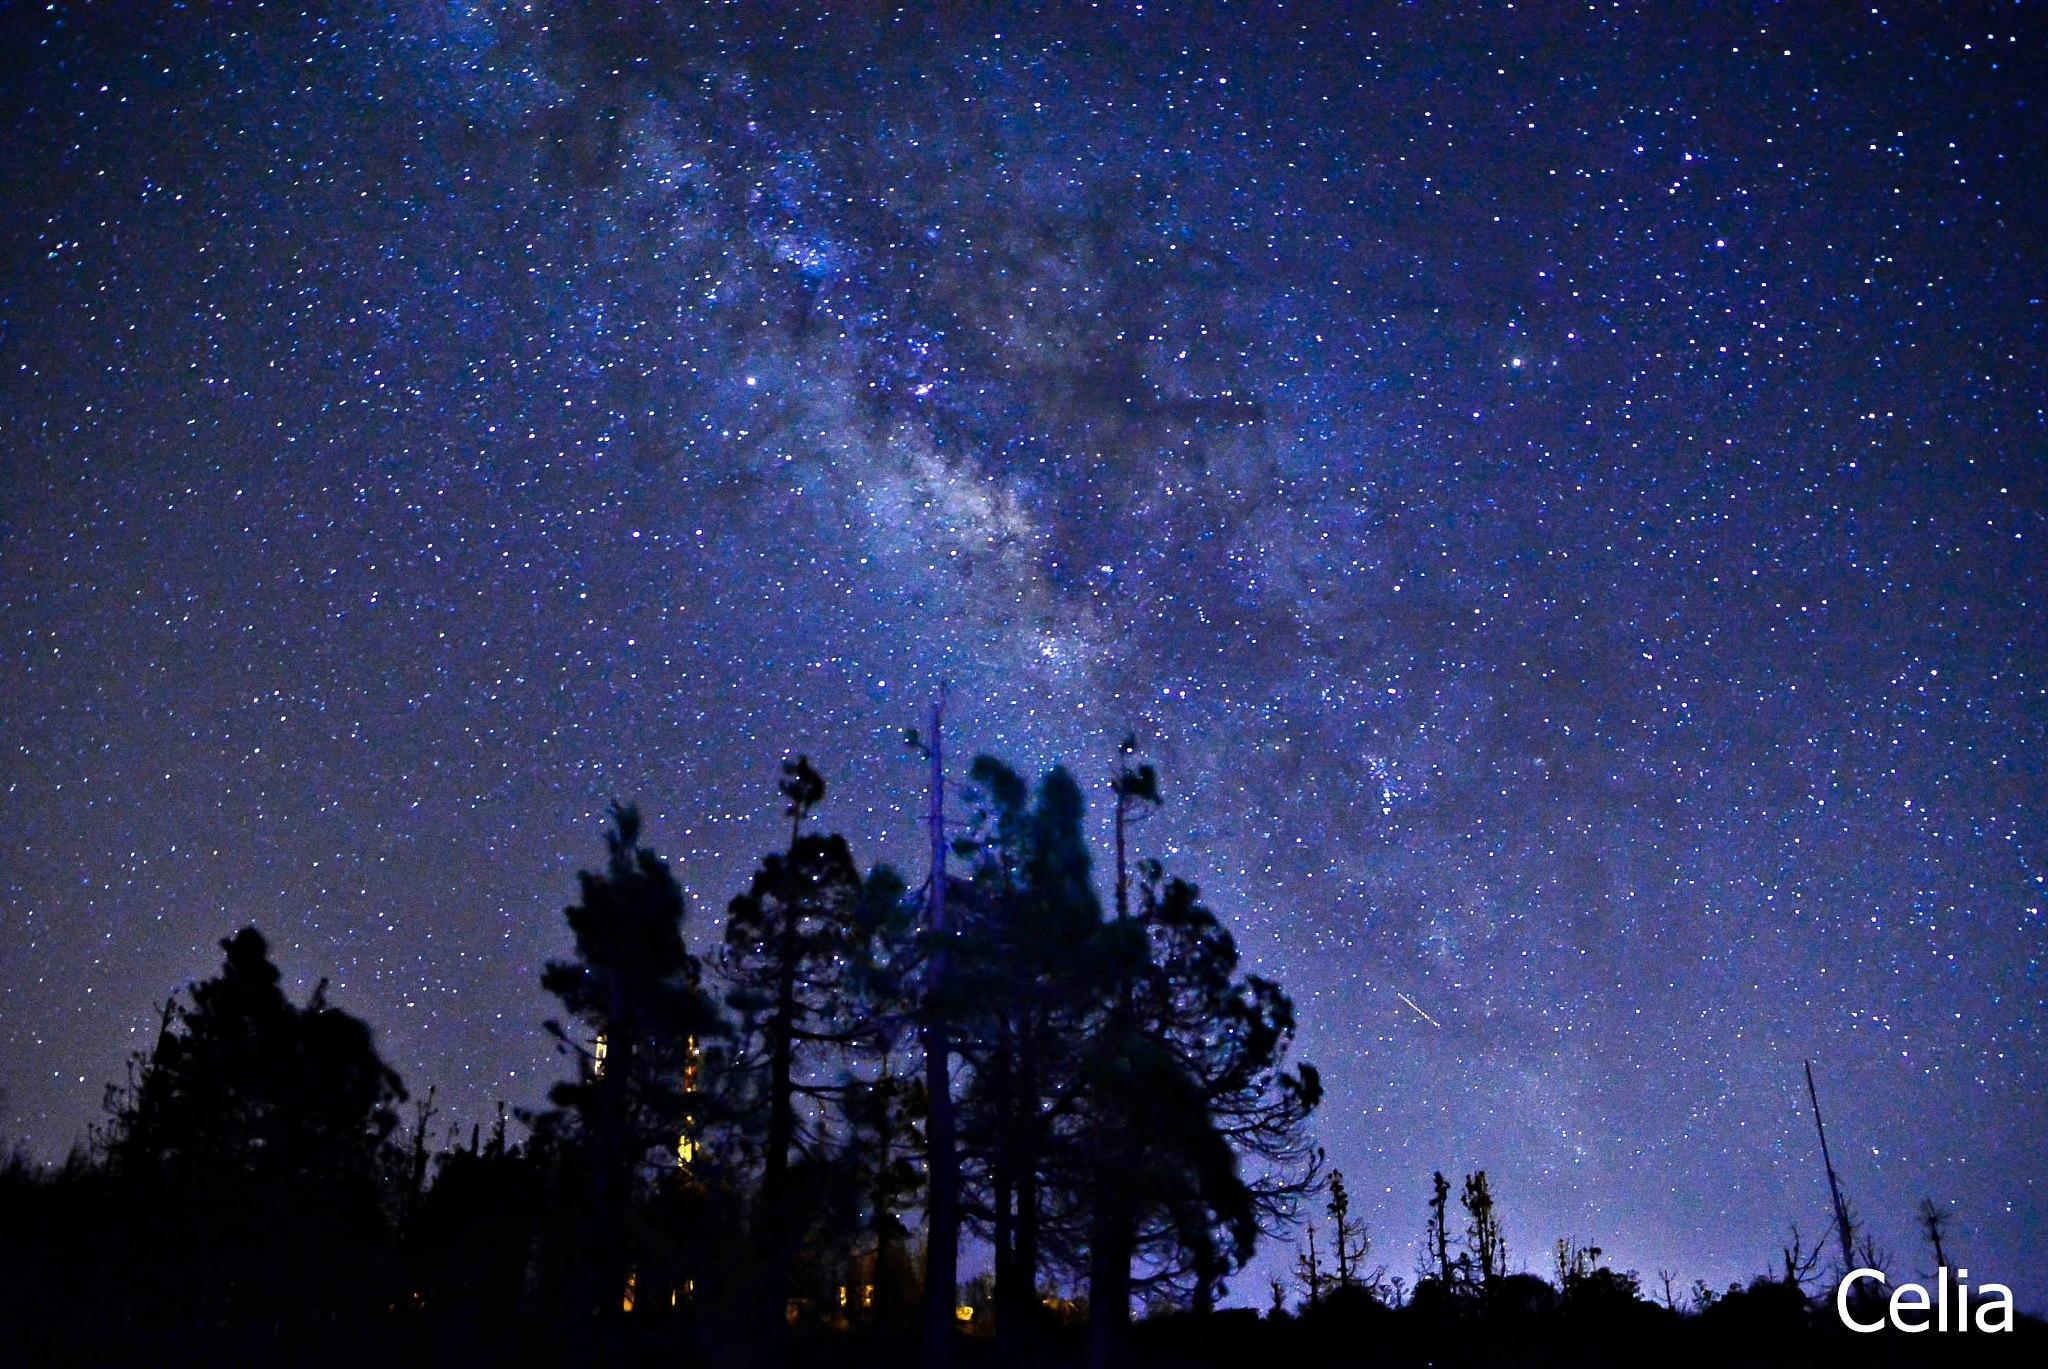 Noche de Vía Láctea - Canarias  by celiafernandez752